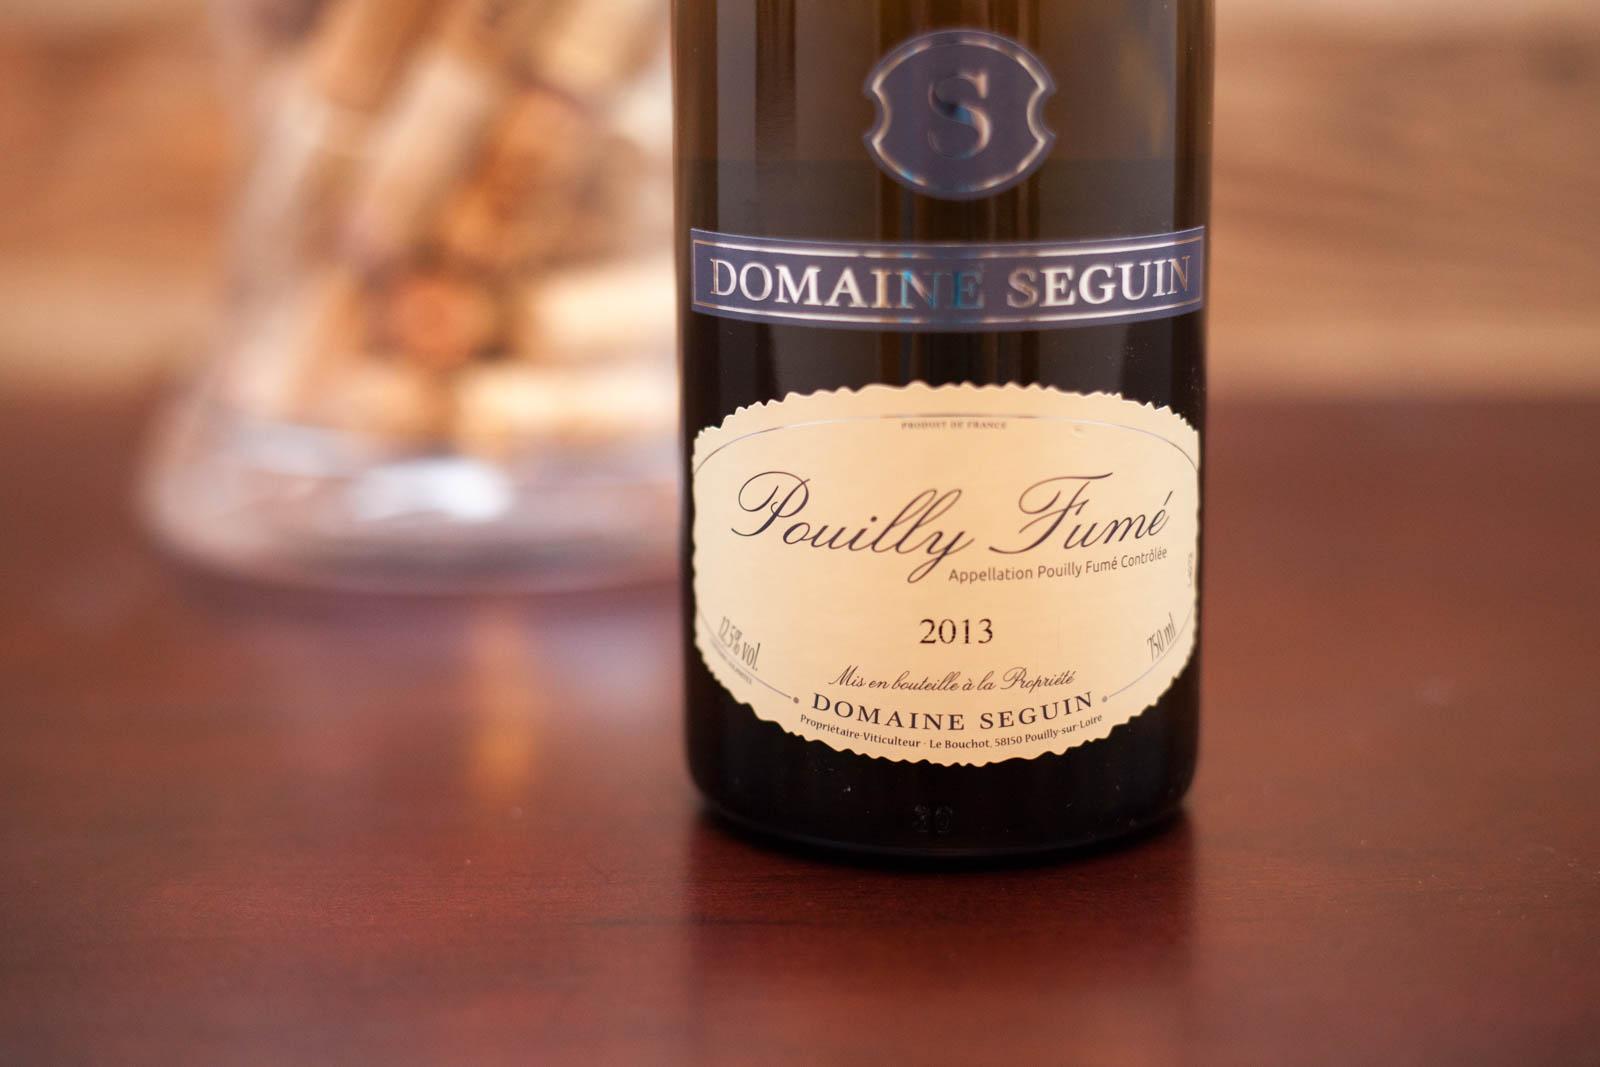 2013 Domaine Seguin Pouilly Fumé